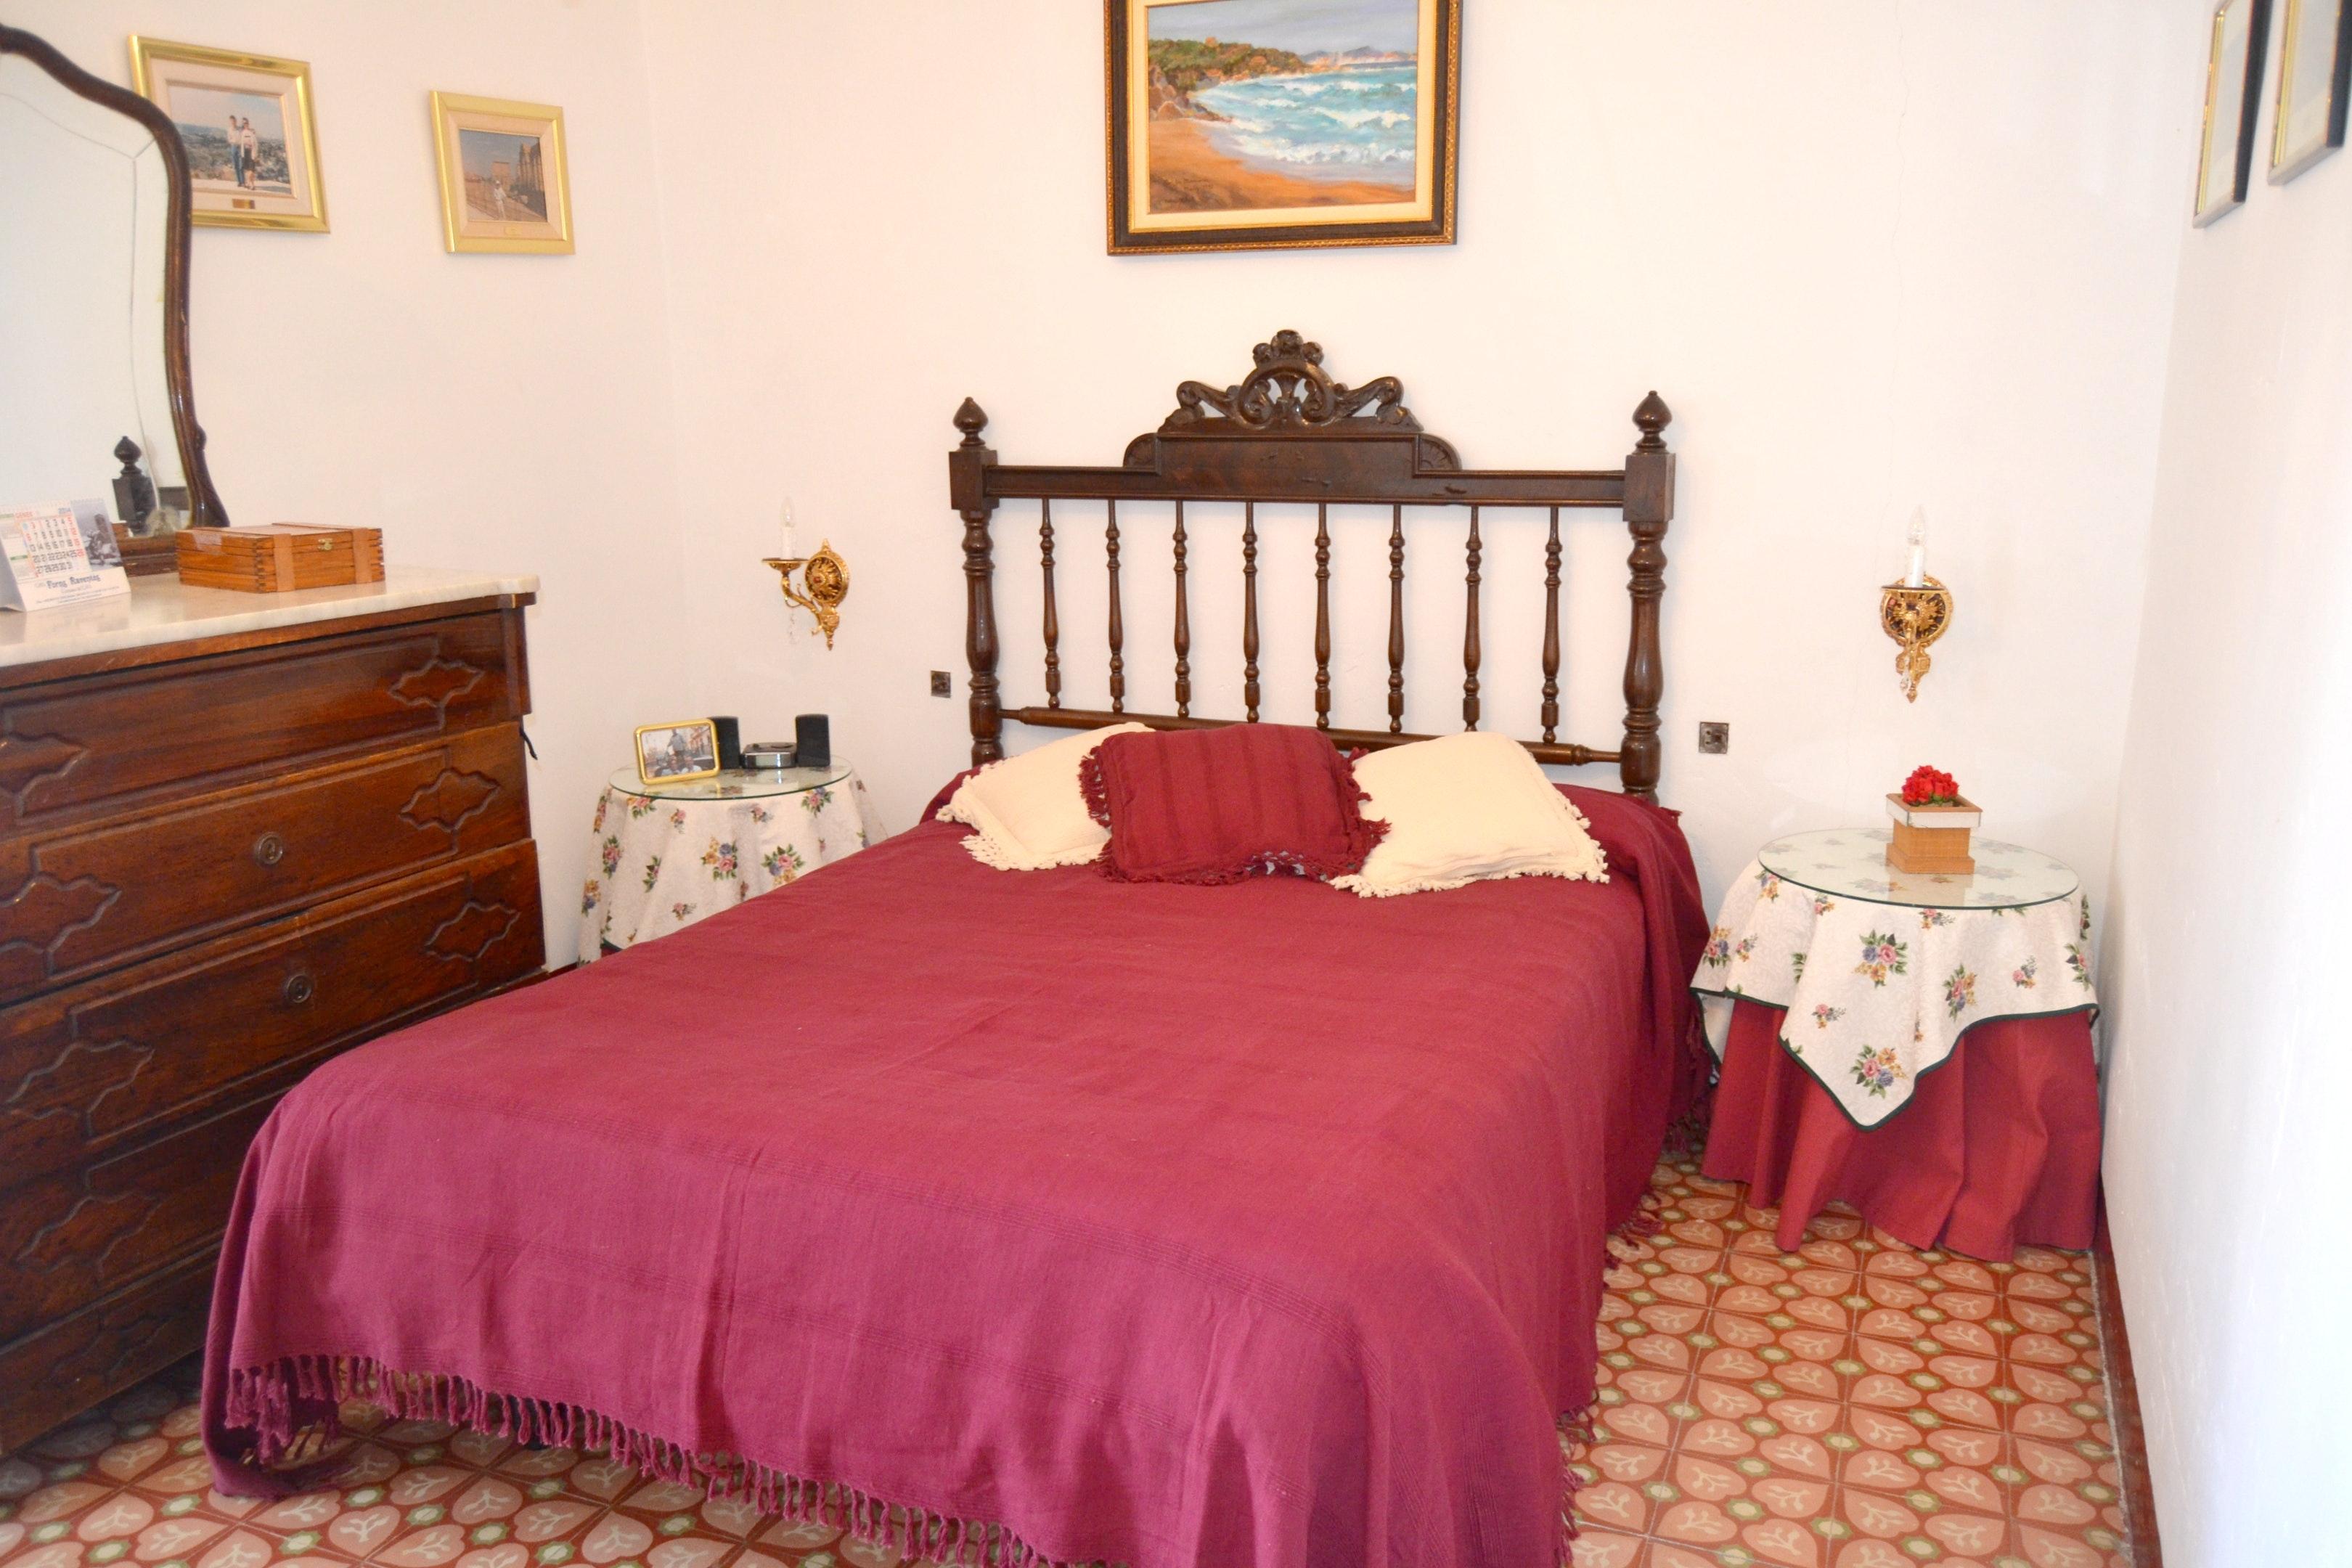 Ferienhaus Haus mit 4 Schlafzimmern in Sant Pere Sacarrera mit toller Aussicht auf die Berge, möblier (2217248), Sant Pere Sacarrera, Barcelona, Katalonien, Spanien, Bild 17